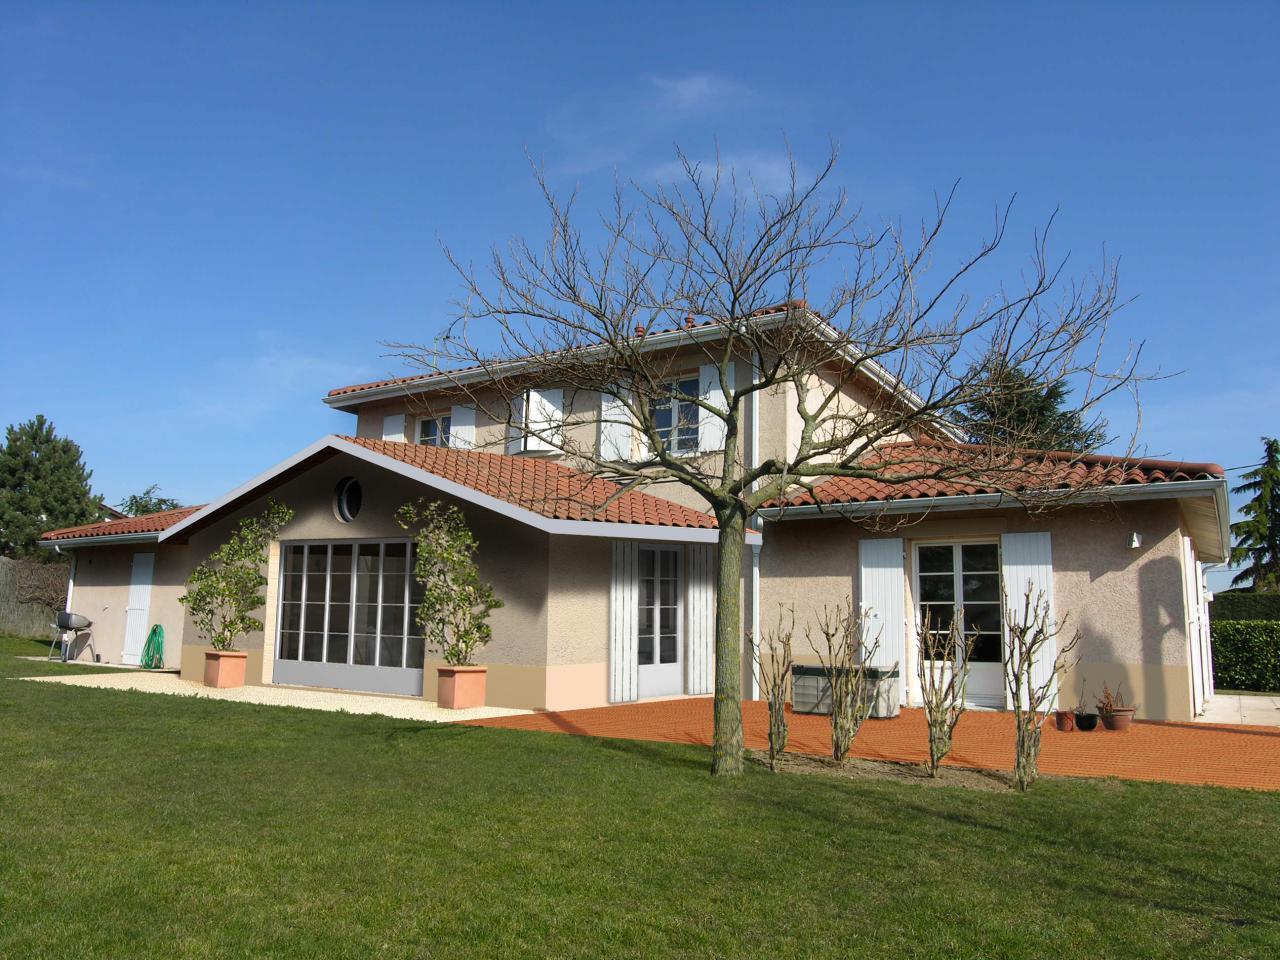 Extension d 39 une maison en rdc for Extension maison avec une tour